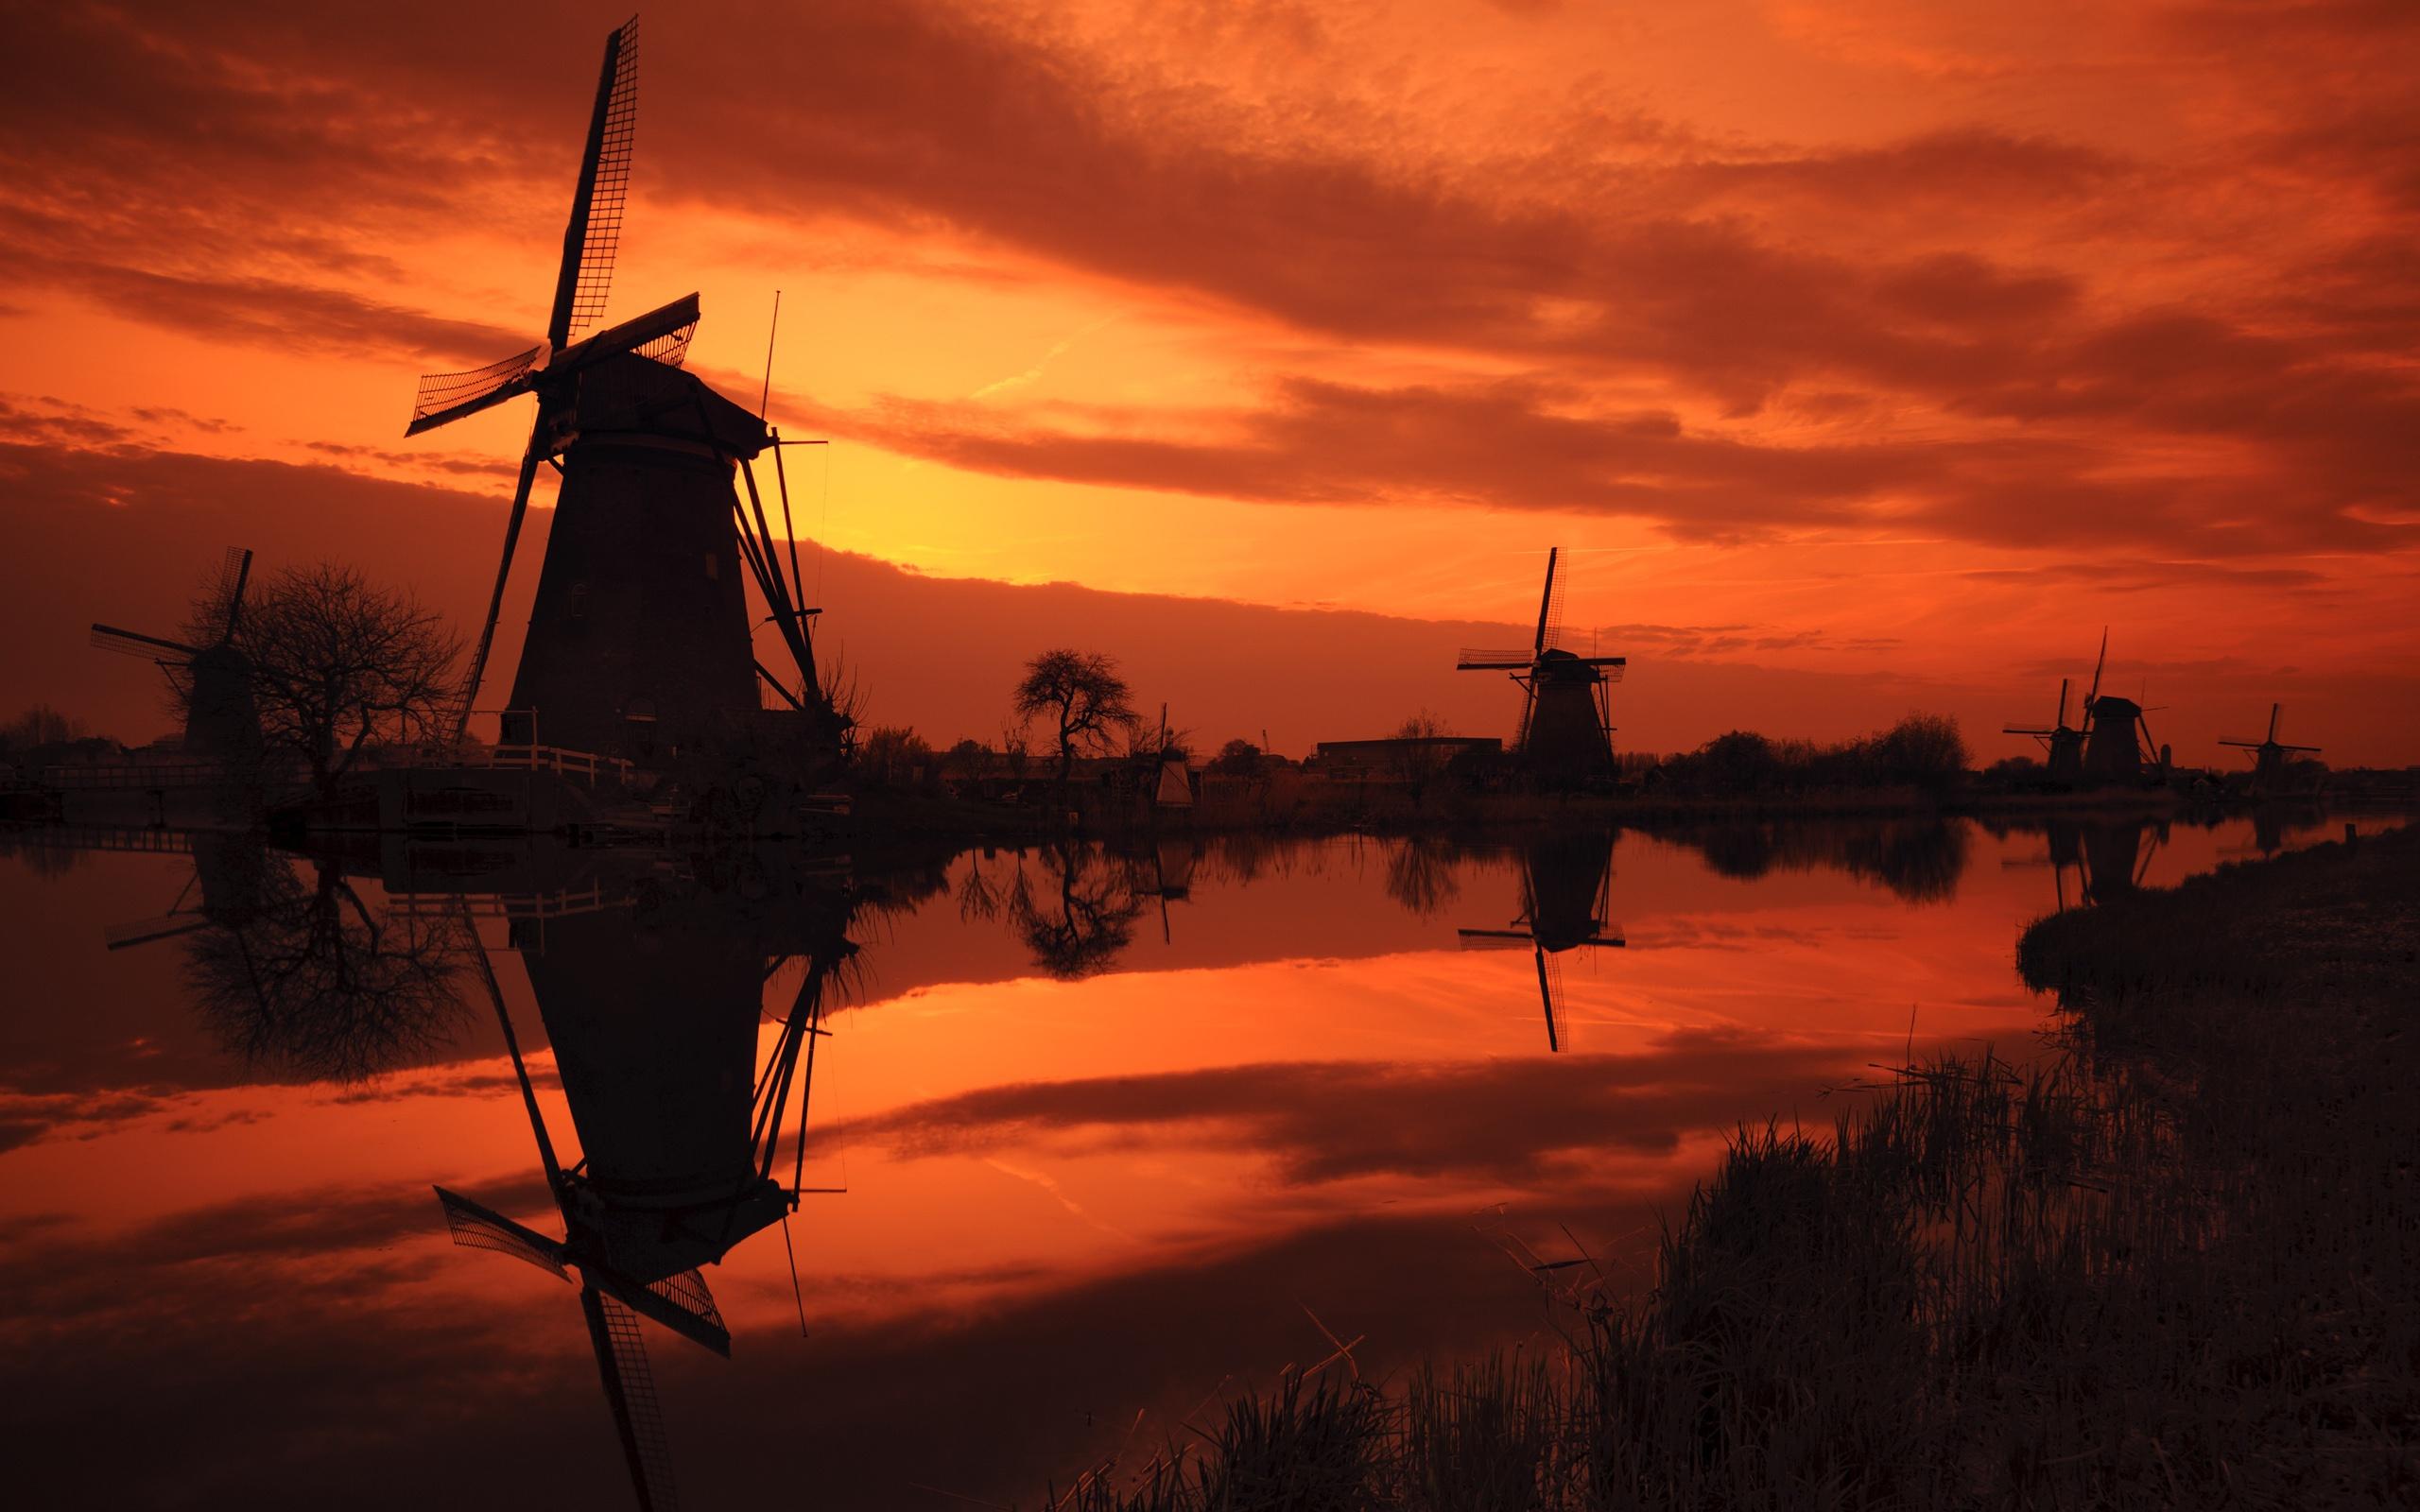 Image De Synthèse - Sunset  Moulin à Vent Ciel Fond d'écran